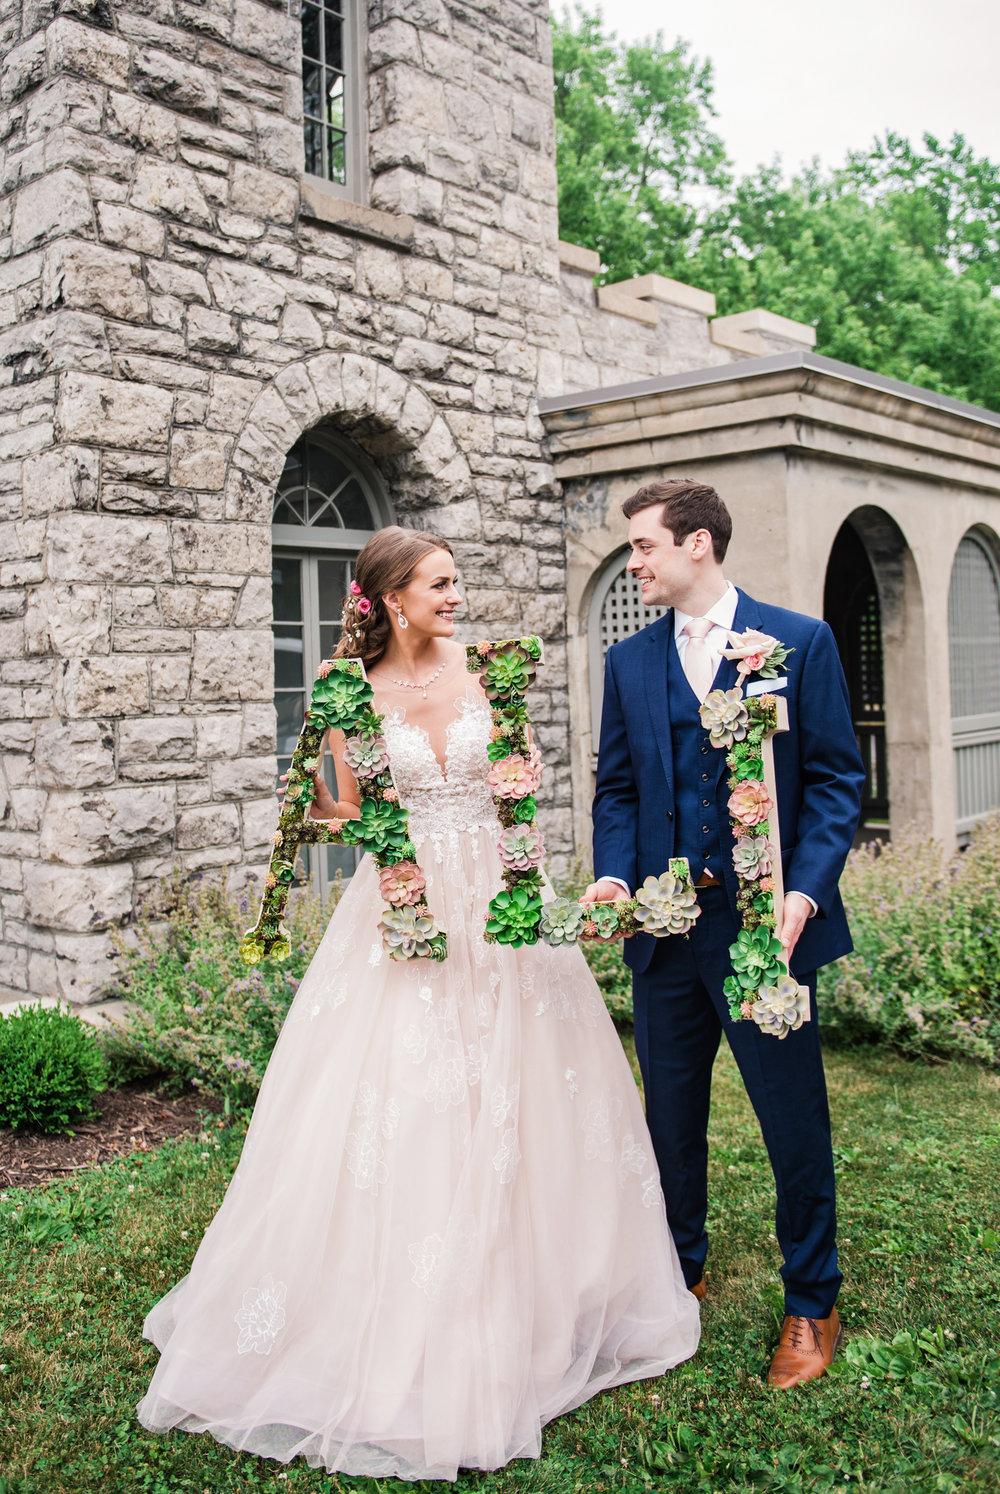 JILLSTUDIO_Sonnenberg_Gardens_Finger_Lakes_Wedding_Rochester_NY_Photographer_182851.jpg